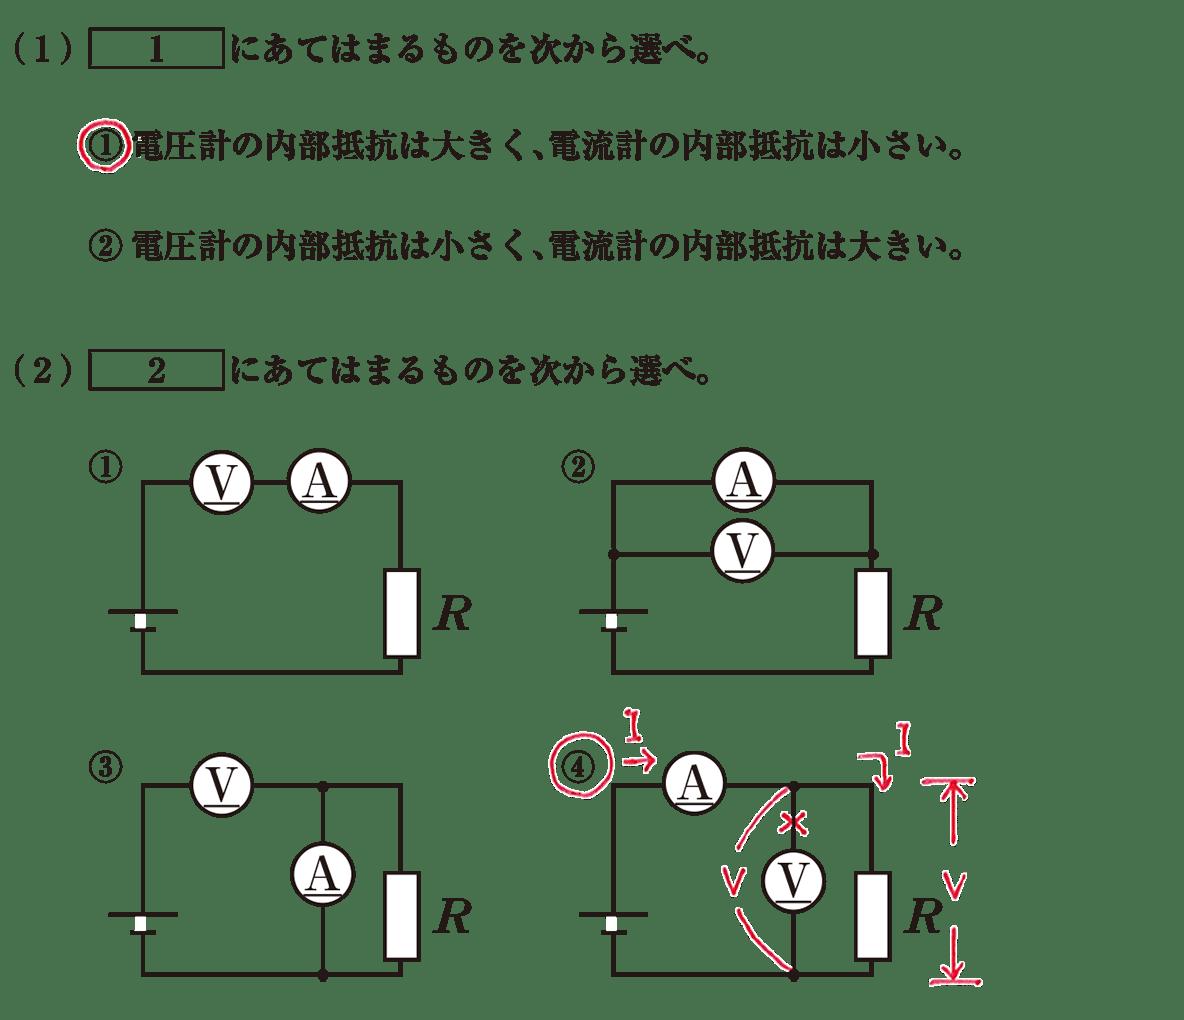 高校物理 電磁気30 練習 (1)(2)解答全て